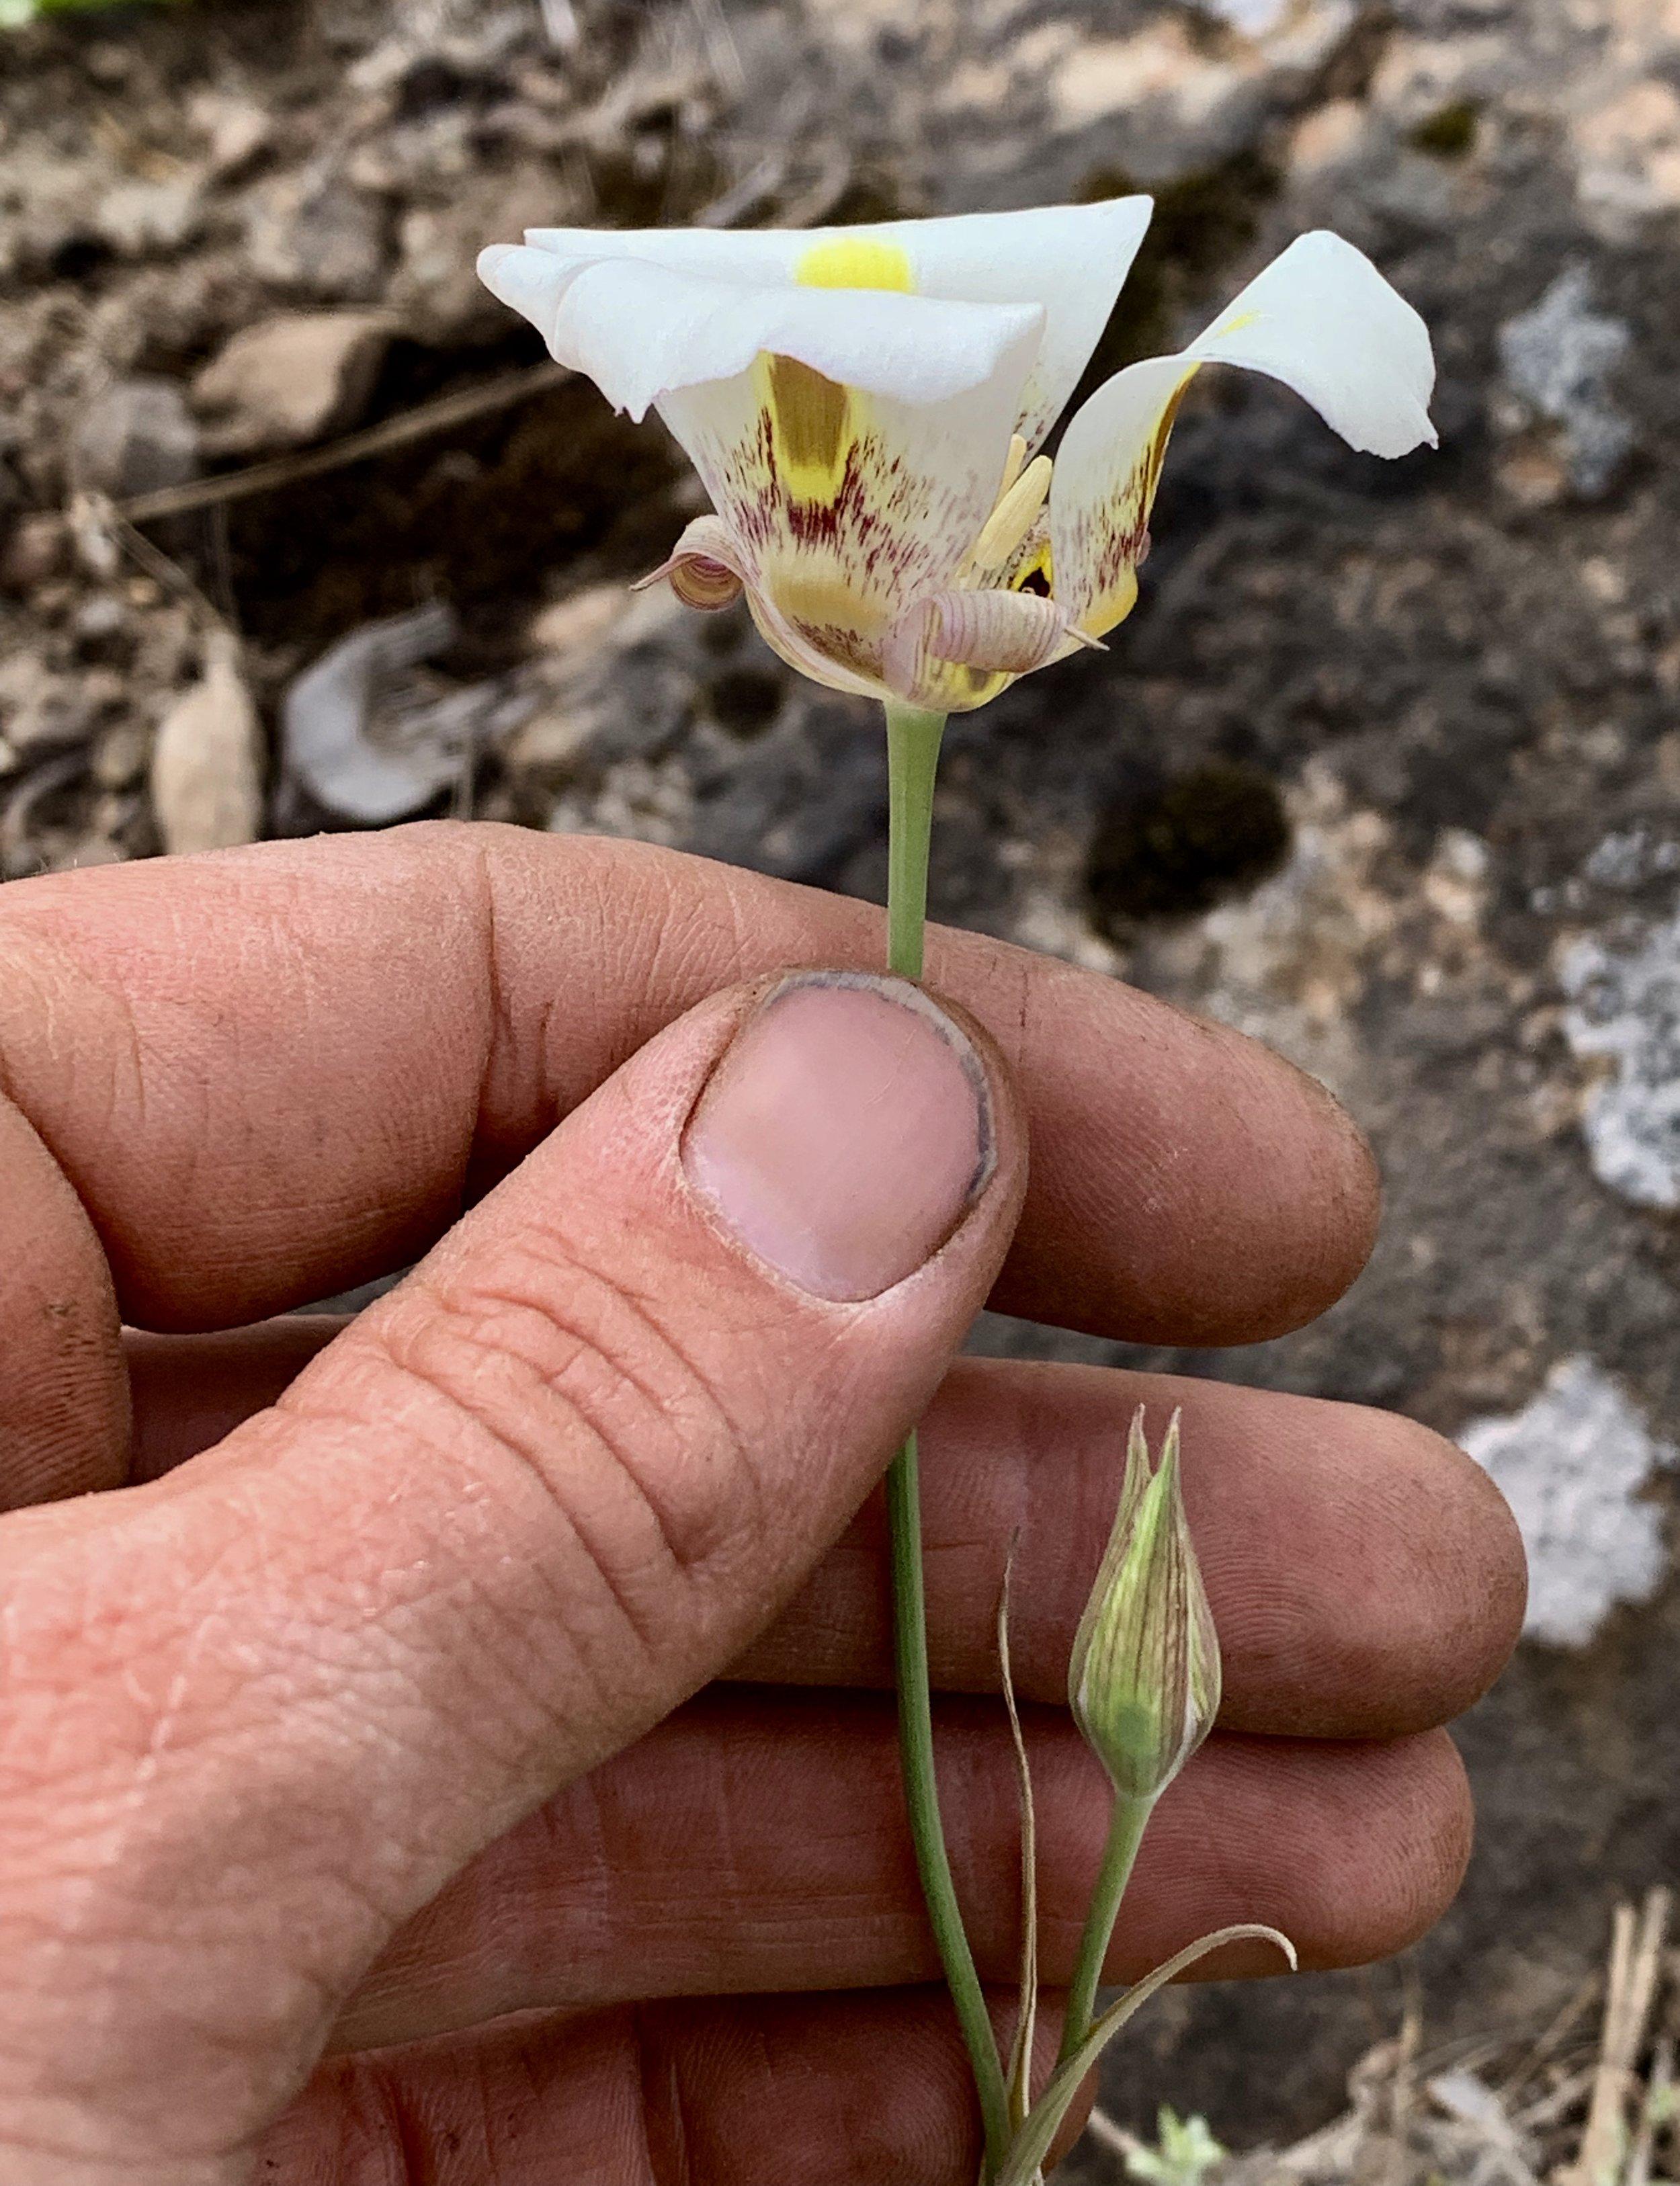 Calochortus venustus flower.